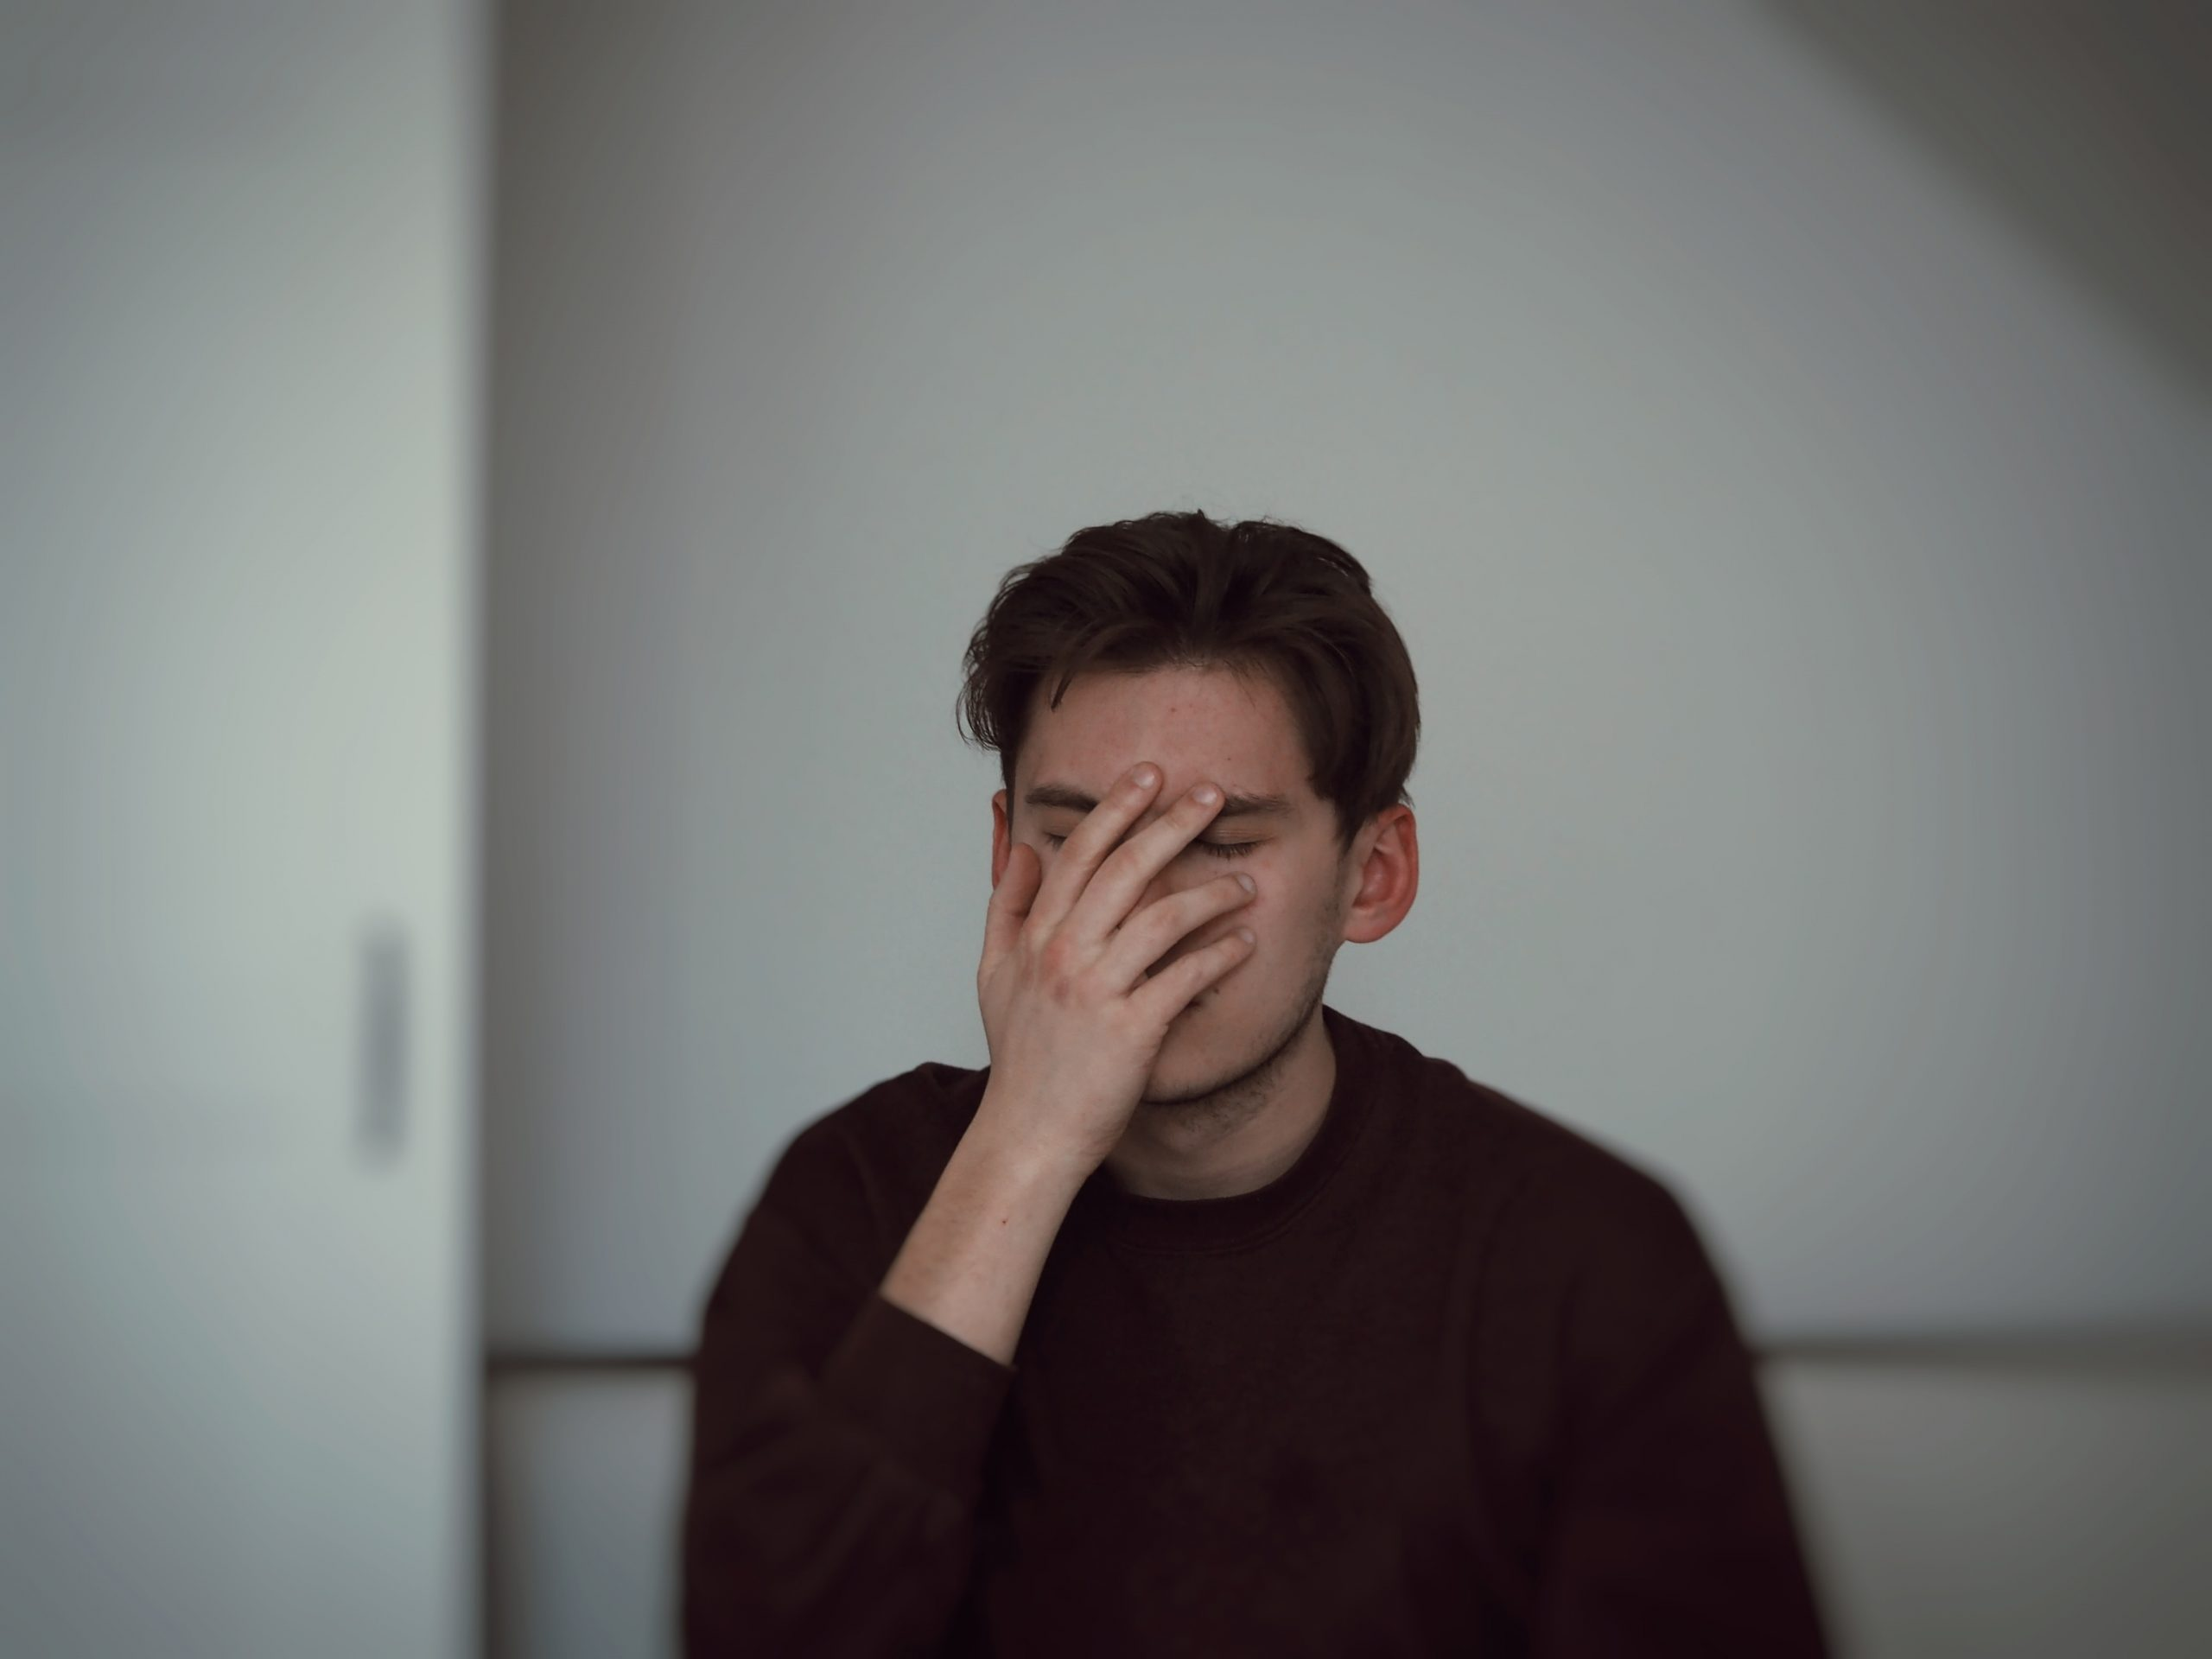 O que se passa no meu cérebro quando estou numa situação de stress motivado por isolamento social?